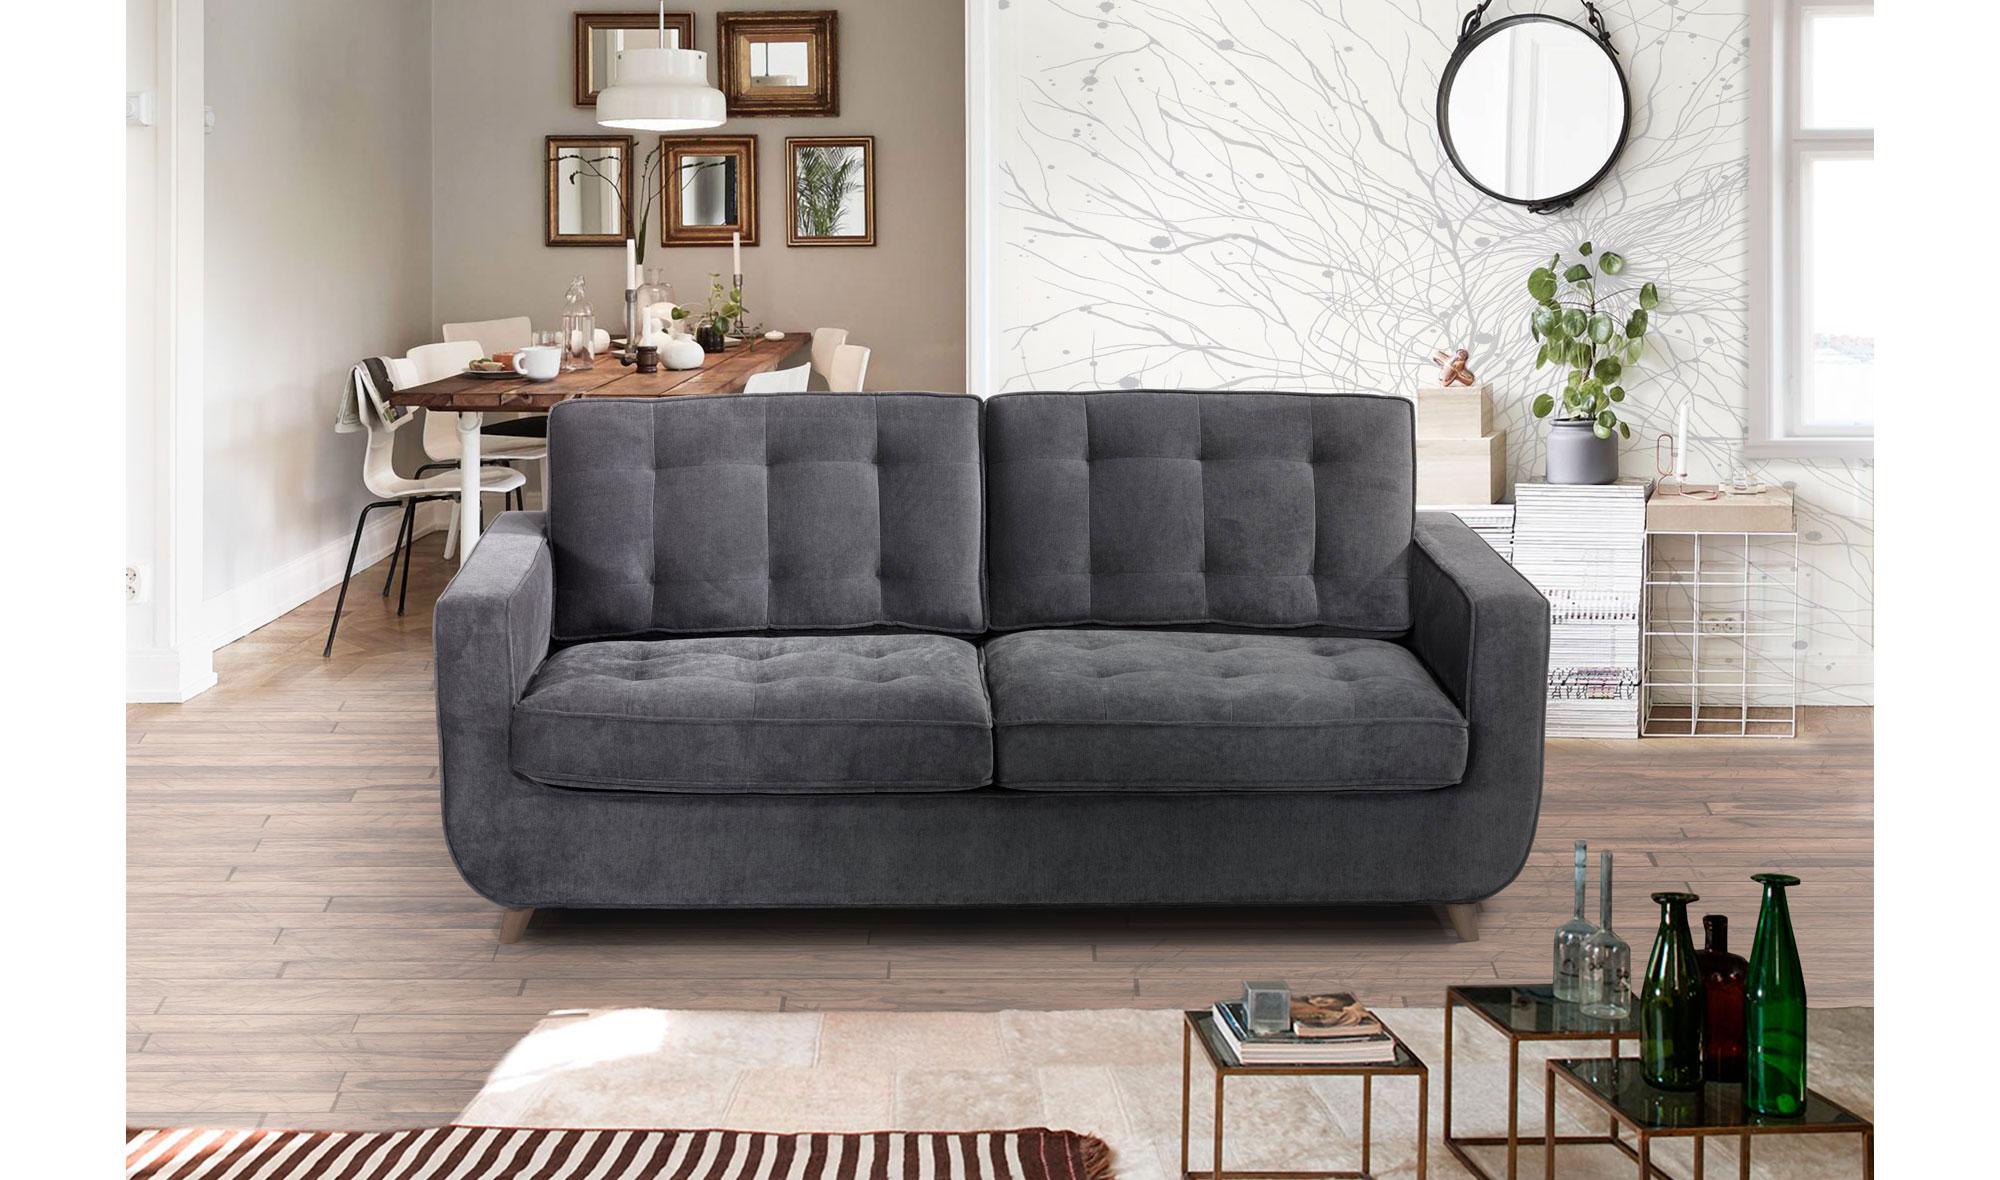 Sof cama retro sterling cooper en - Muebles rey sofa cama ...